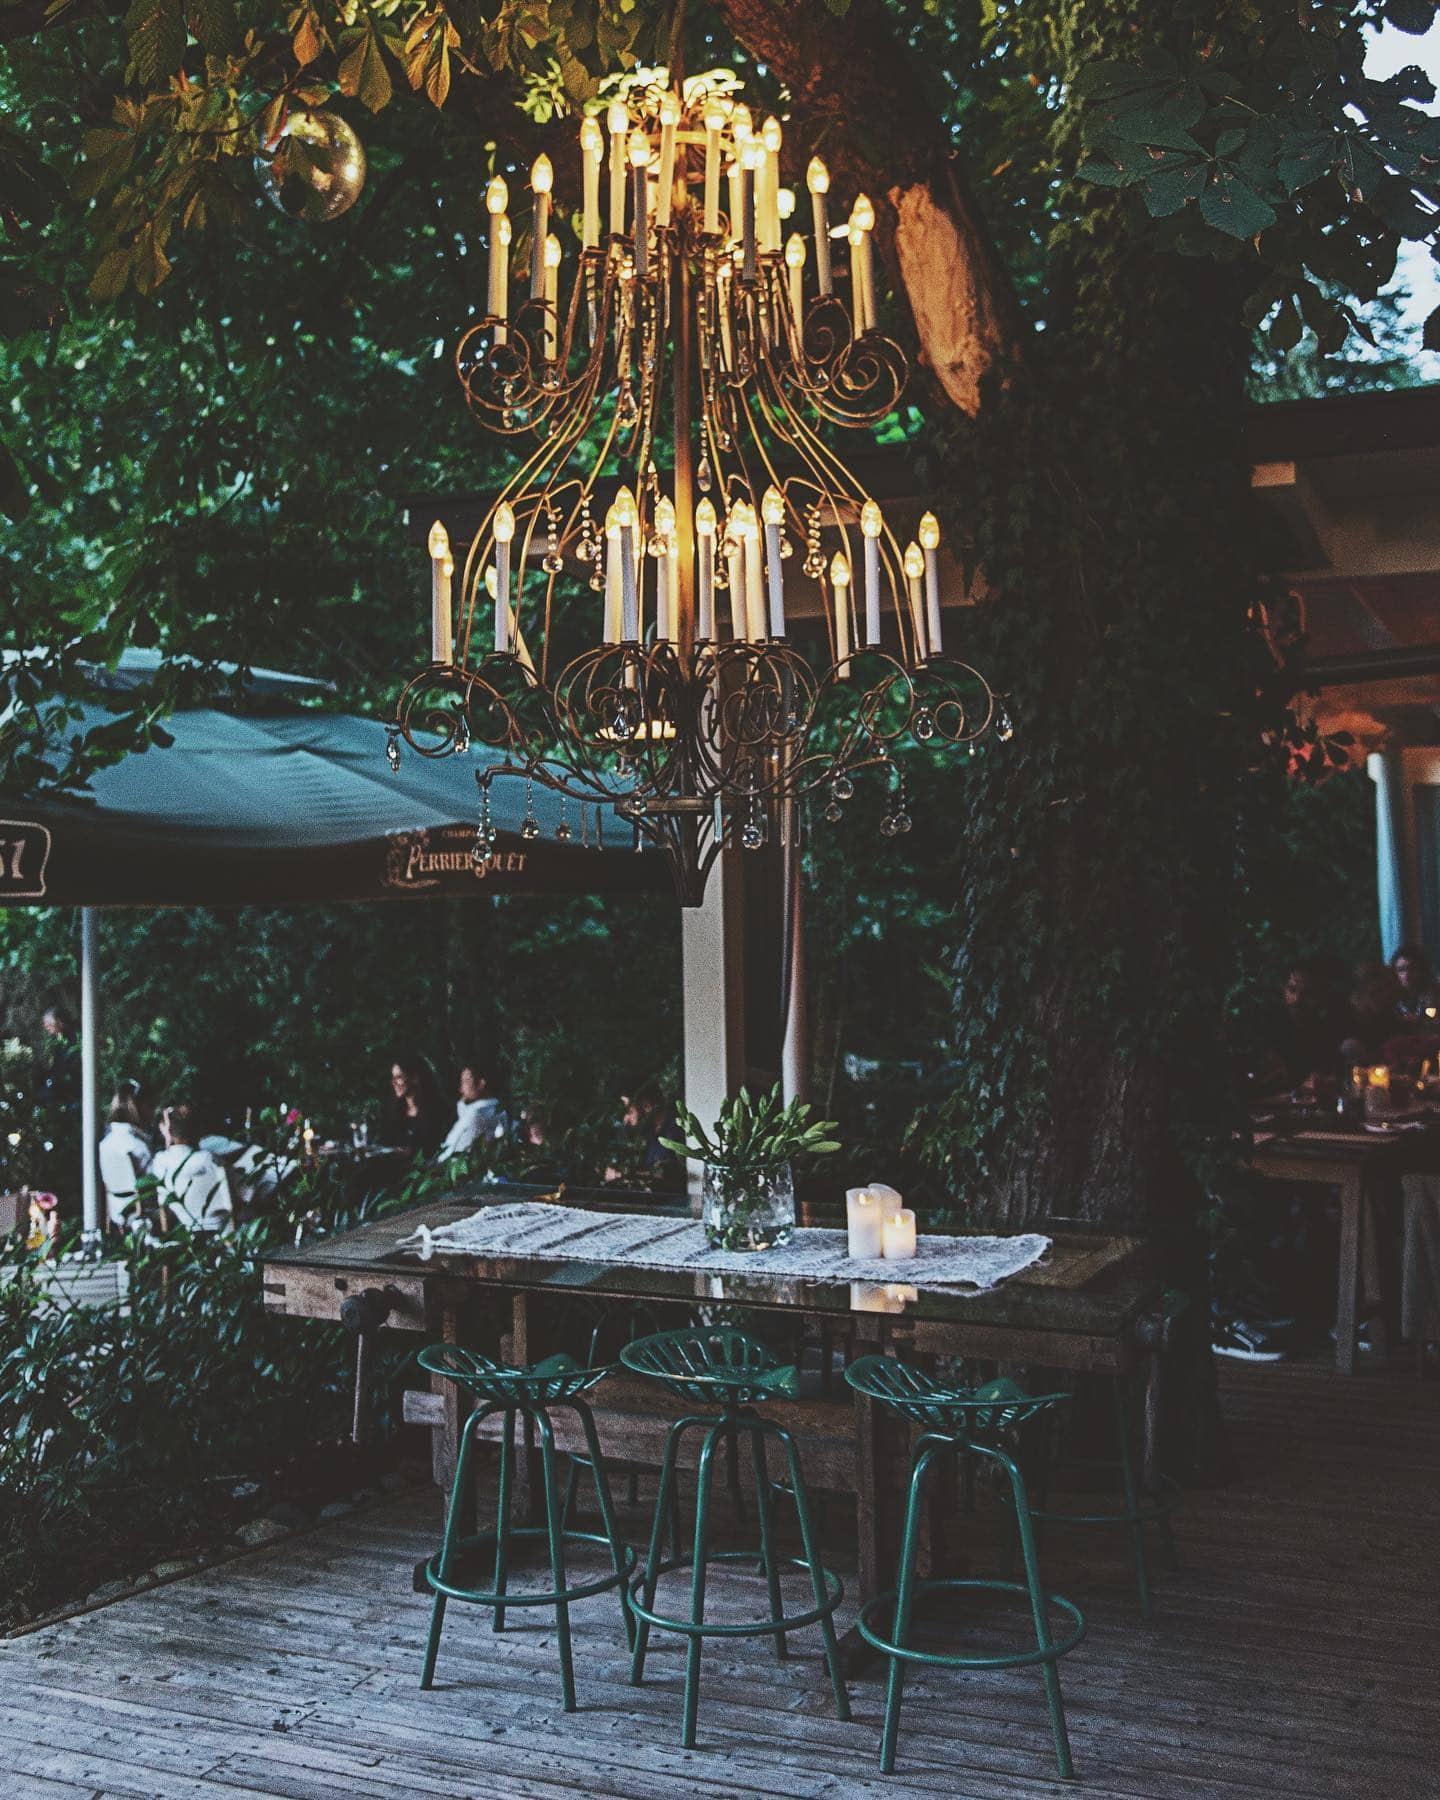 ein Kerzenluster auf der Terrasse des Restaurants 151er auf der Süduferstraße des Wörthersees, es ist Abendstimmung